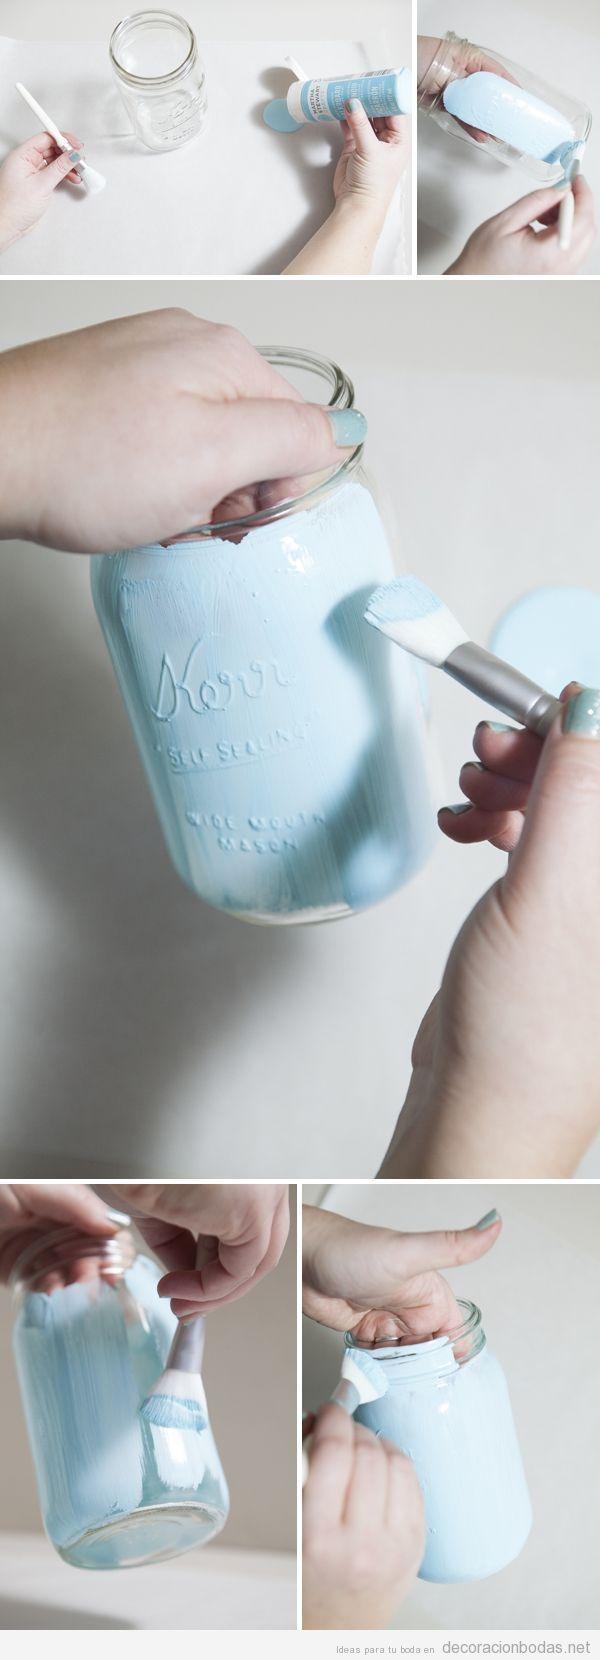 Tutorial pintar bote de cristal para decorar centro de mesa boda